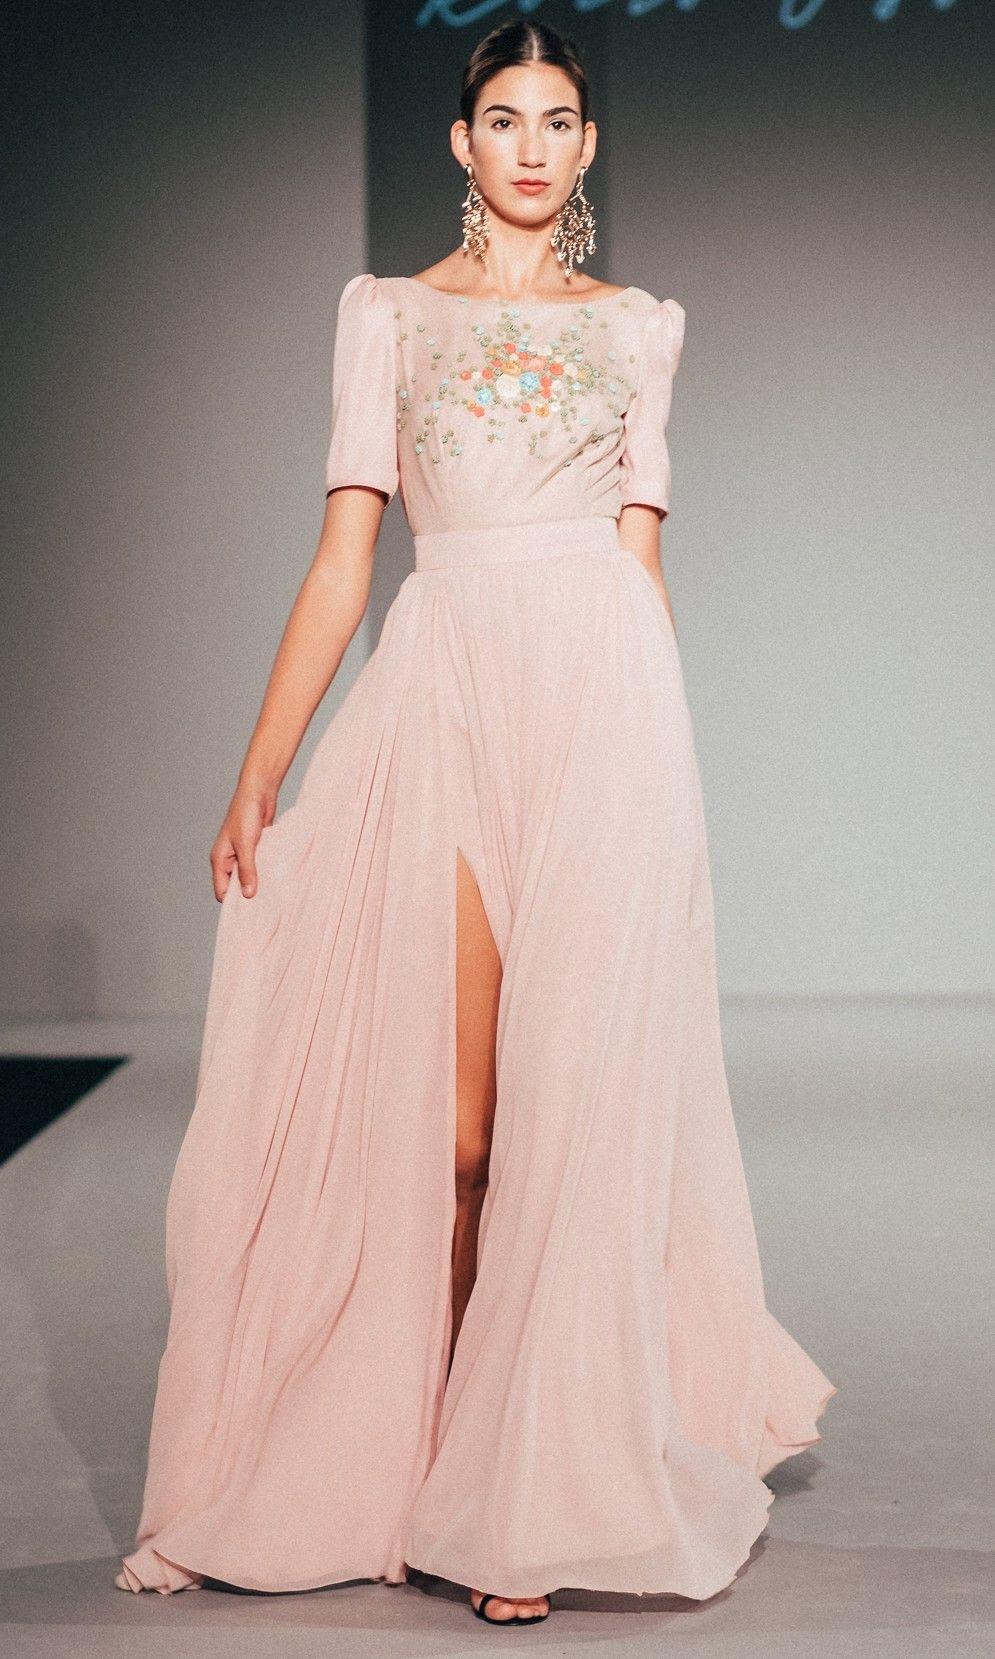 Vestido noelia | Pinterest | Rocio osorno, Diseñadores de moda y Noelia